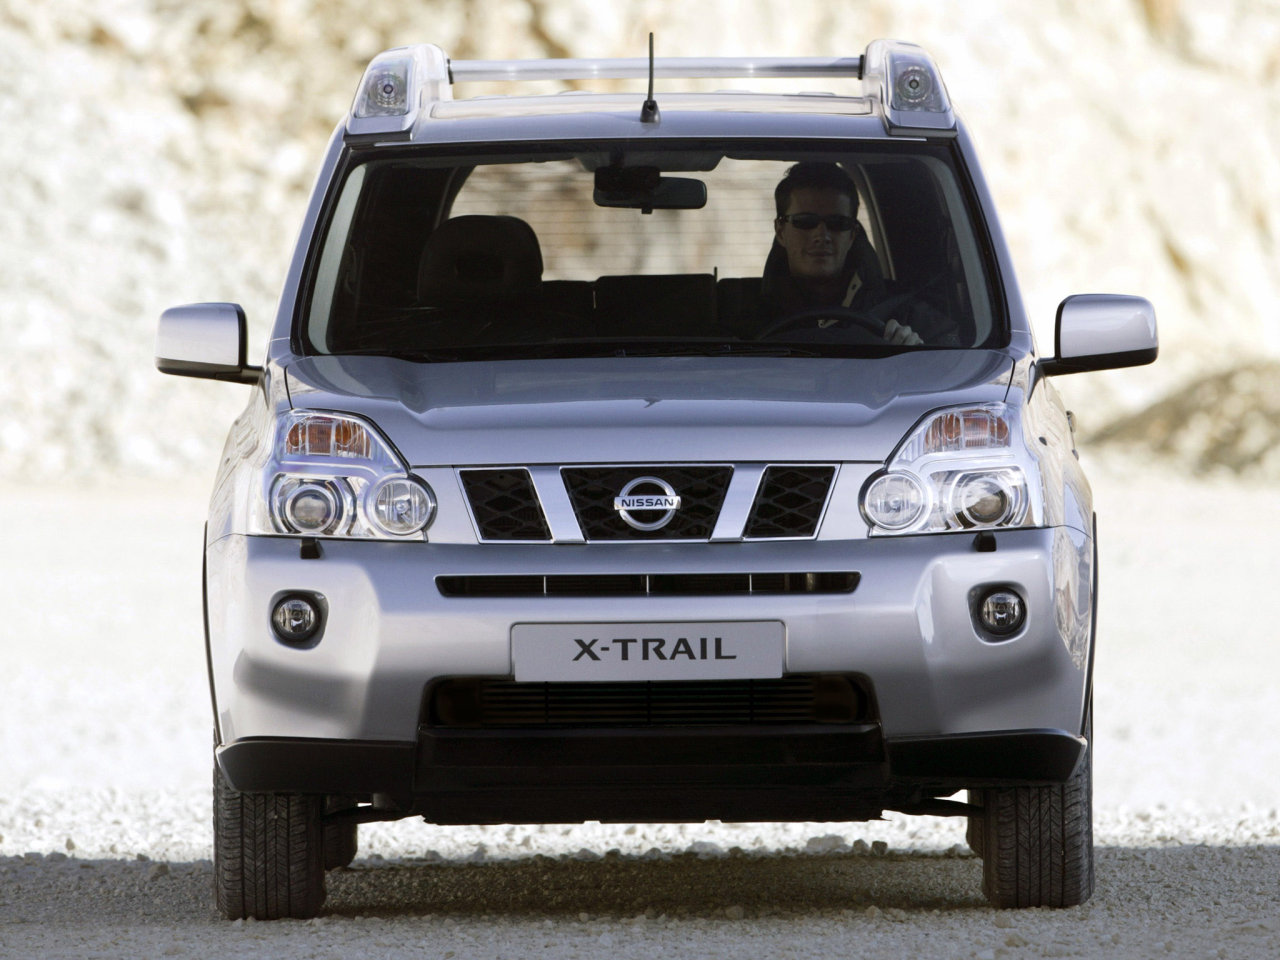 Nissan_X-Trail_X-Trail%202.5%204WD_SUV%205%20door.jpg